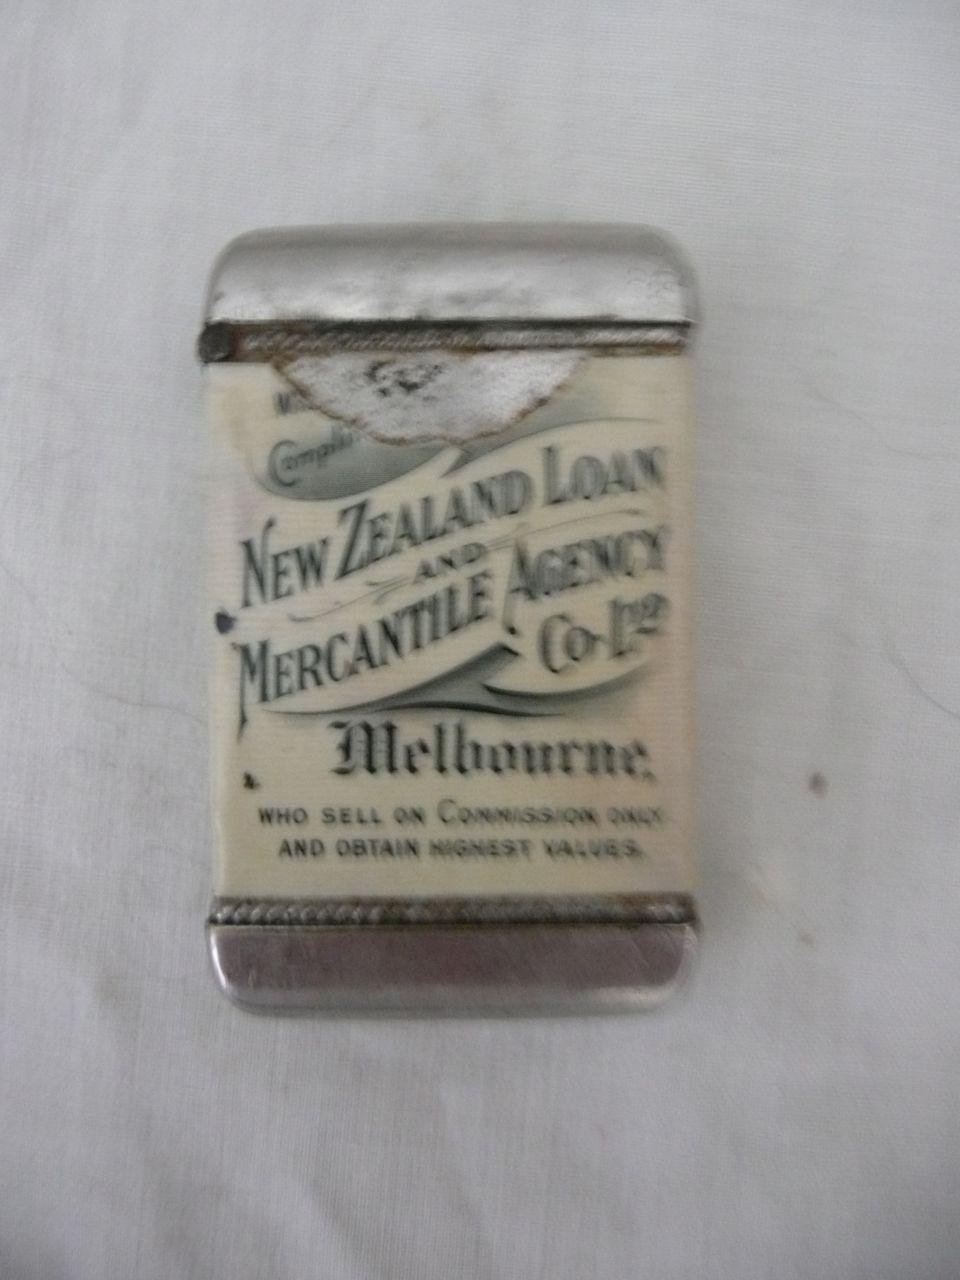 Rare Old Advertising Vesta Case for NZ Loan & Mercantile Agency Ltd